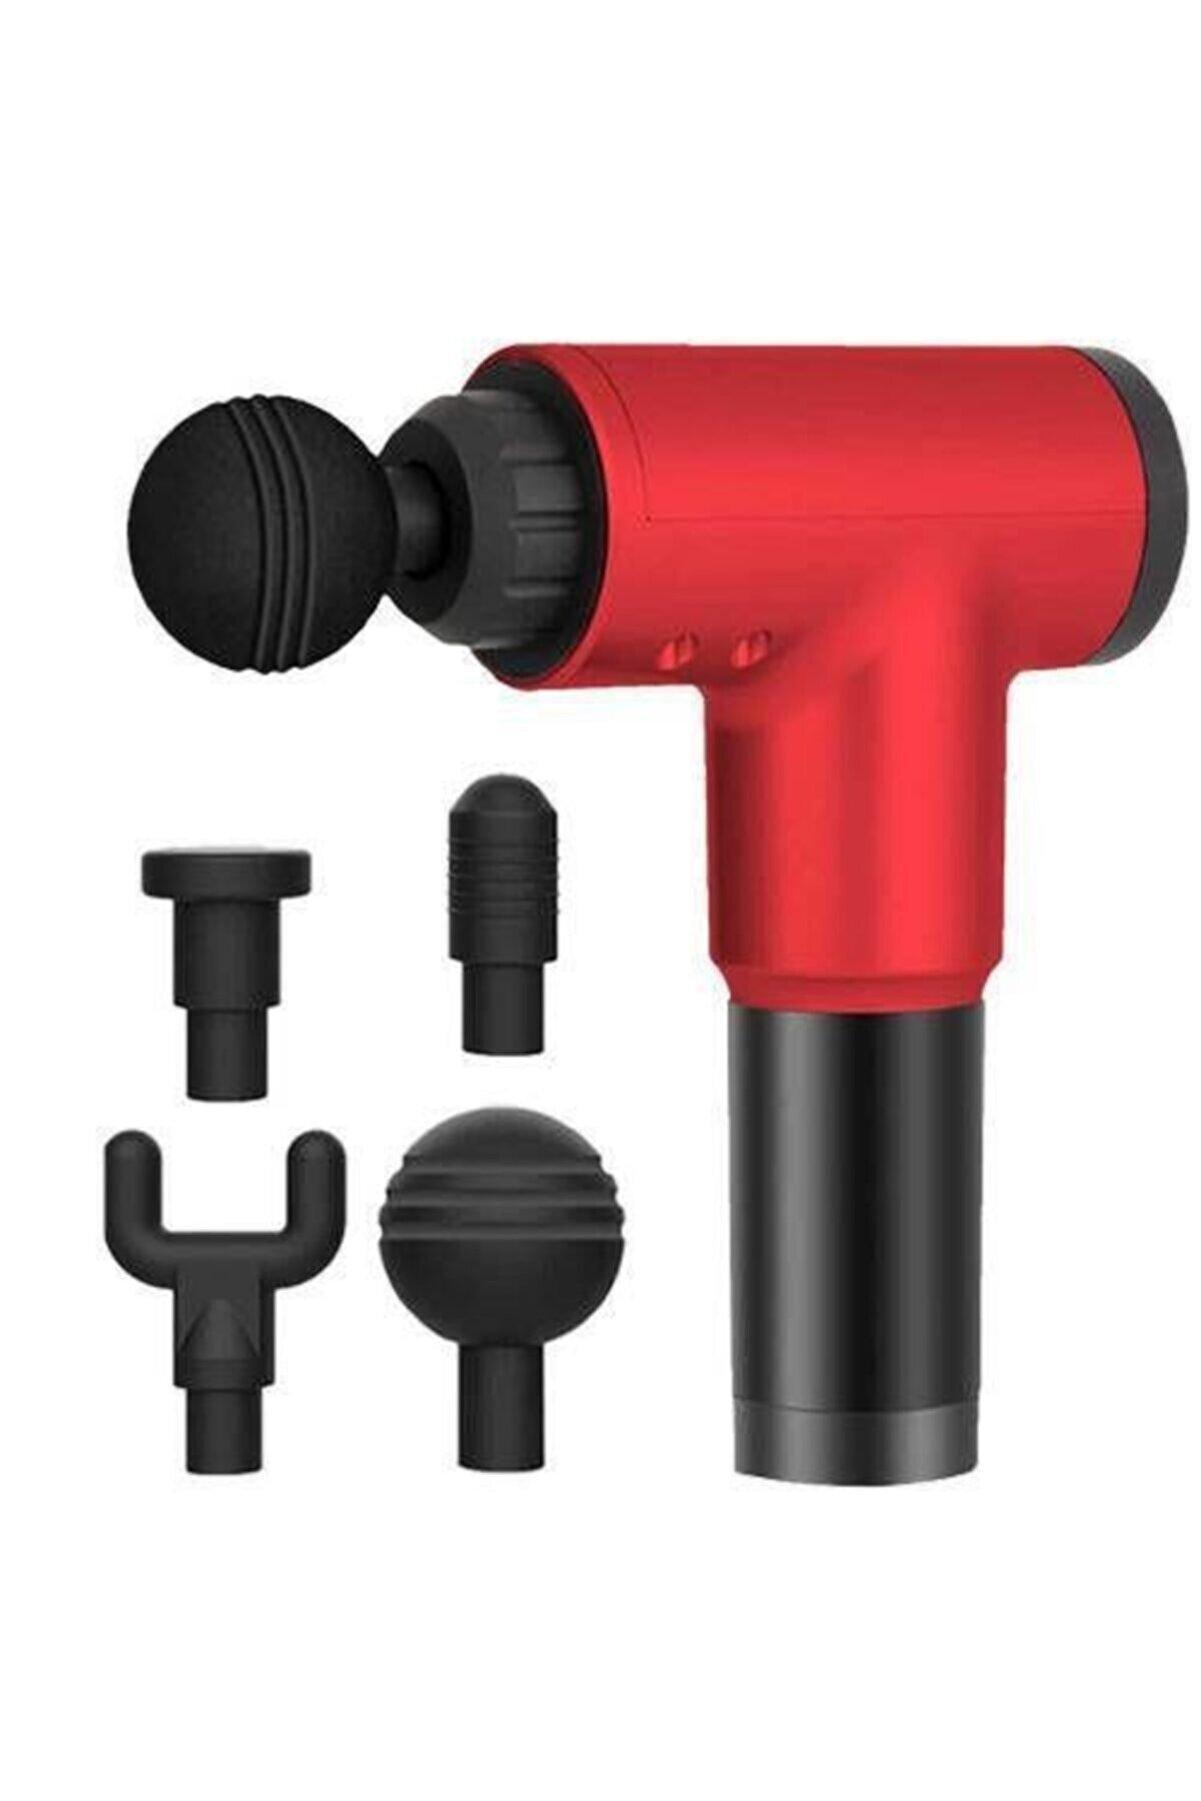 Realx 4 Başlıklı Titreşimli Yoğurmalı 6 Fonksiyonlu Masaj Aleti Kırmızı